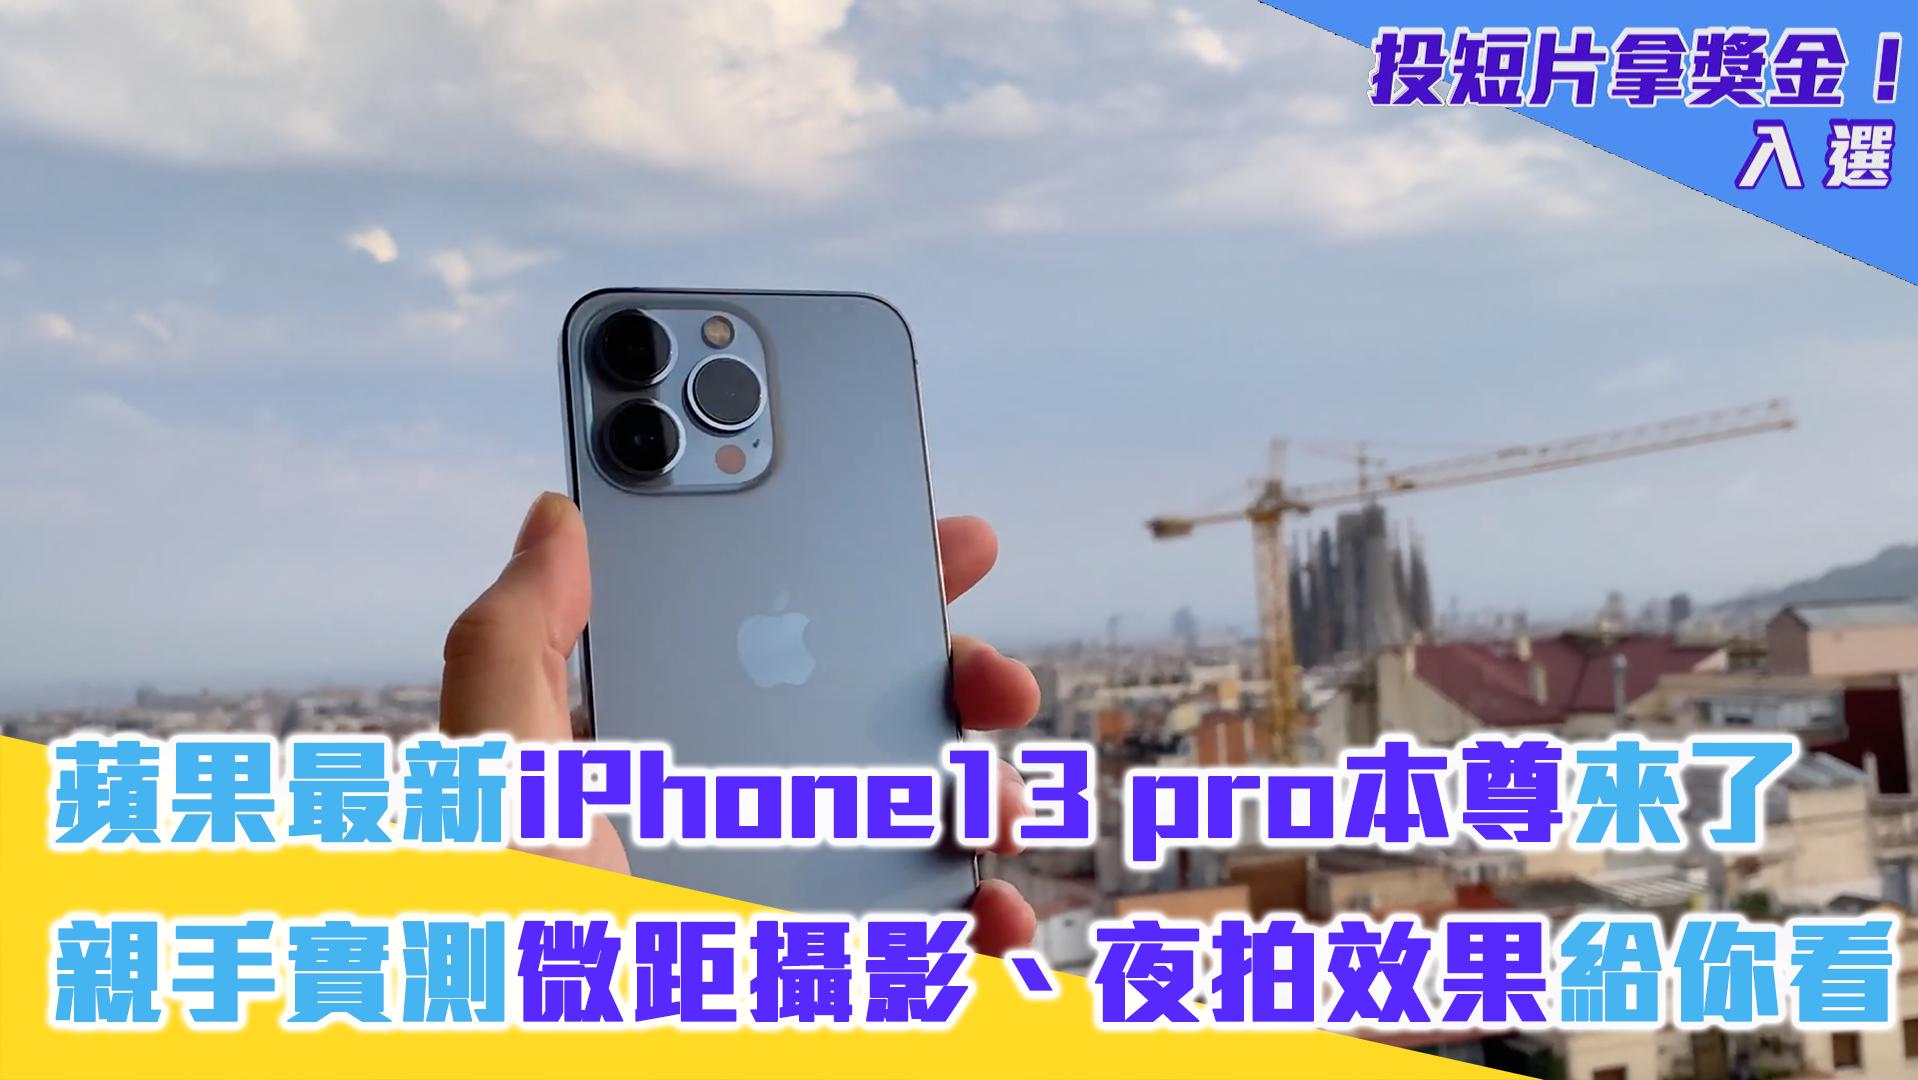 蘋果最新iPhone13 pro本尊來了 親手實測微距攝影、夜拍效果給你看